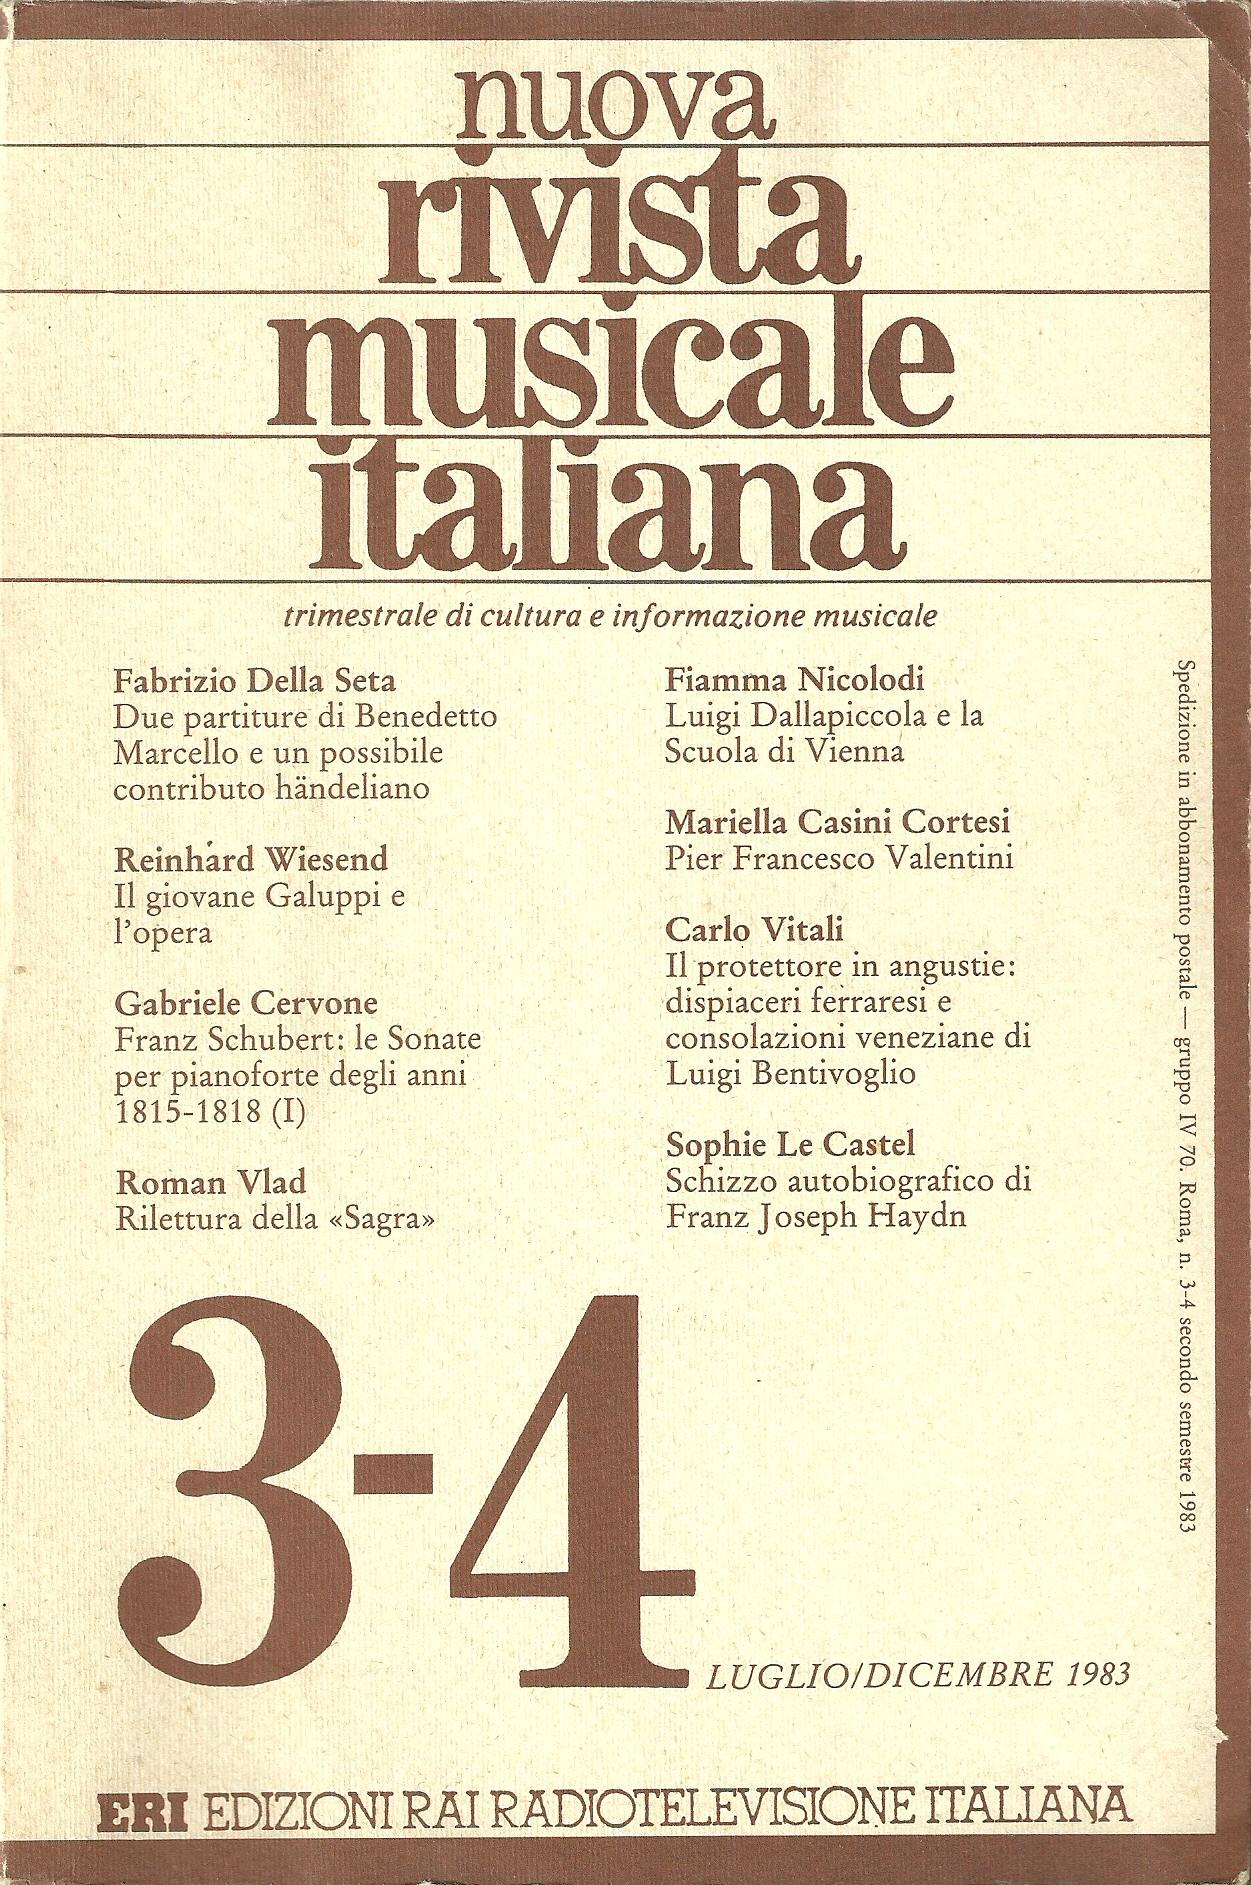 Nuova rivista musicale italiana, n.3-4 (1983)